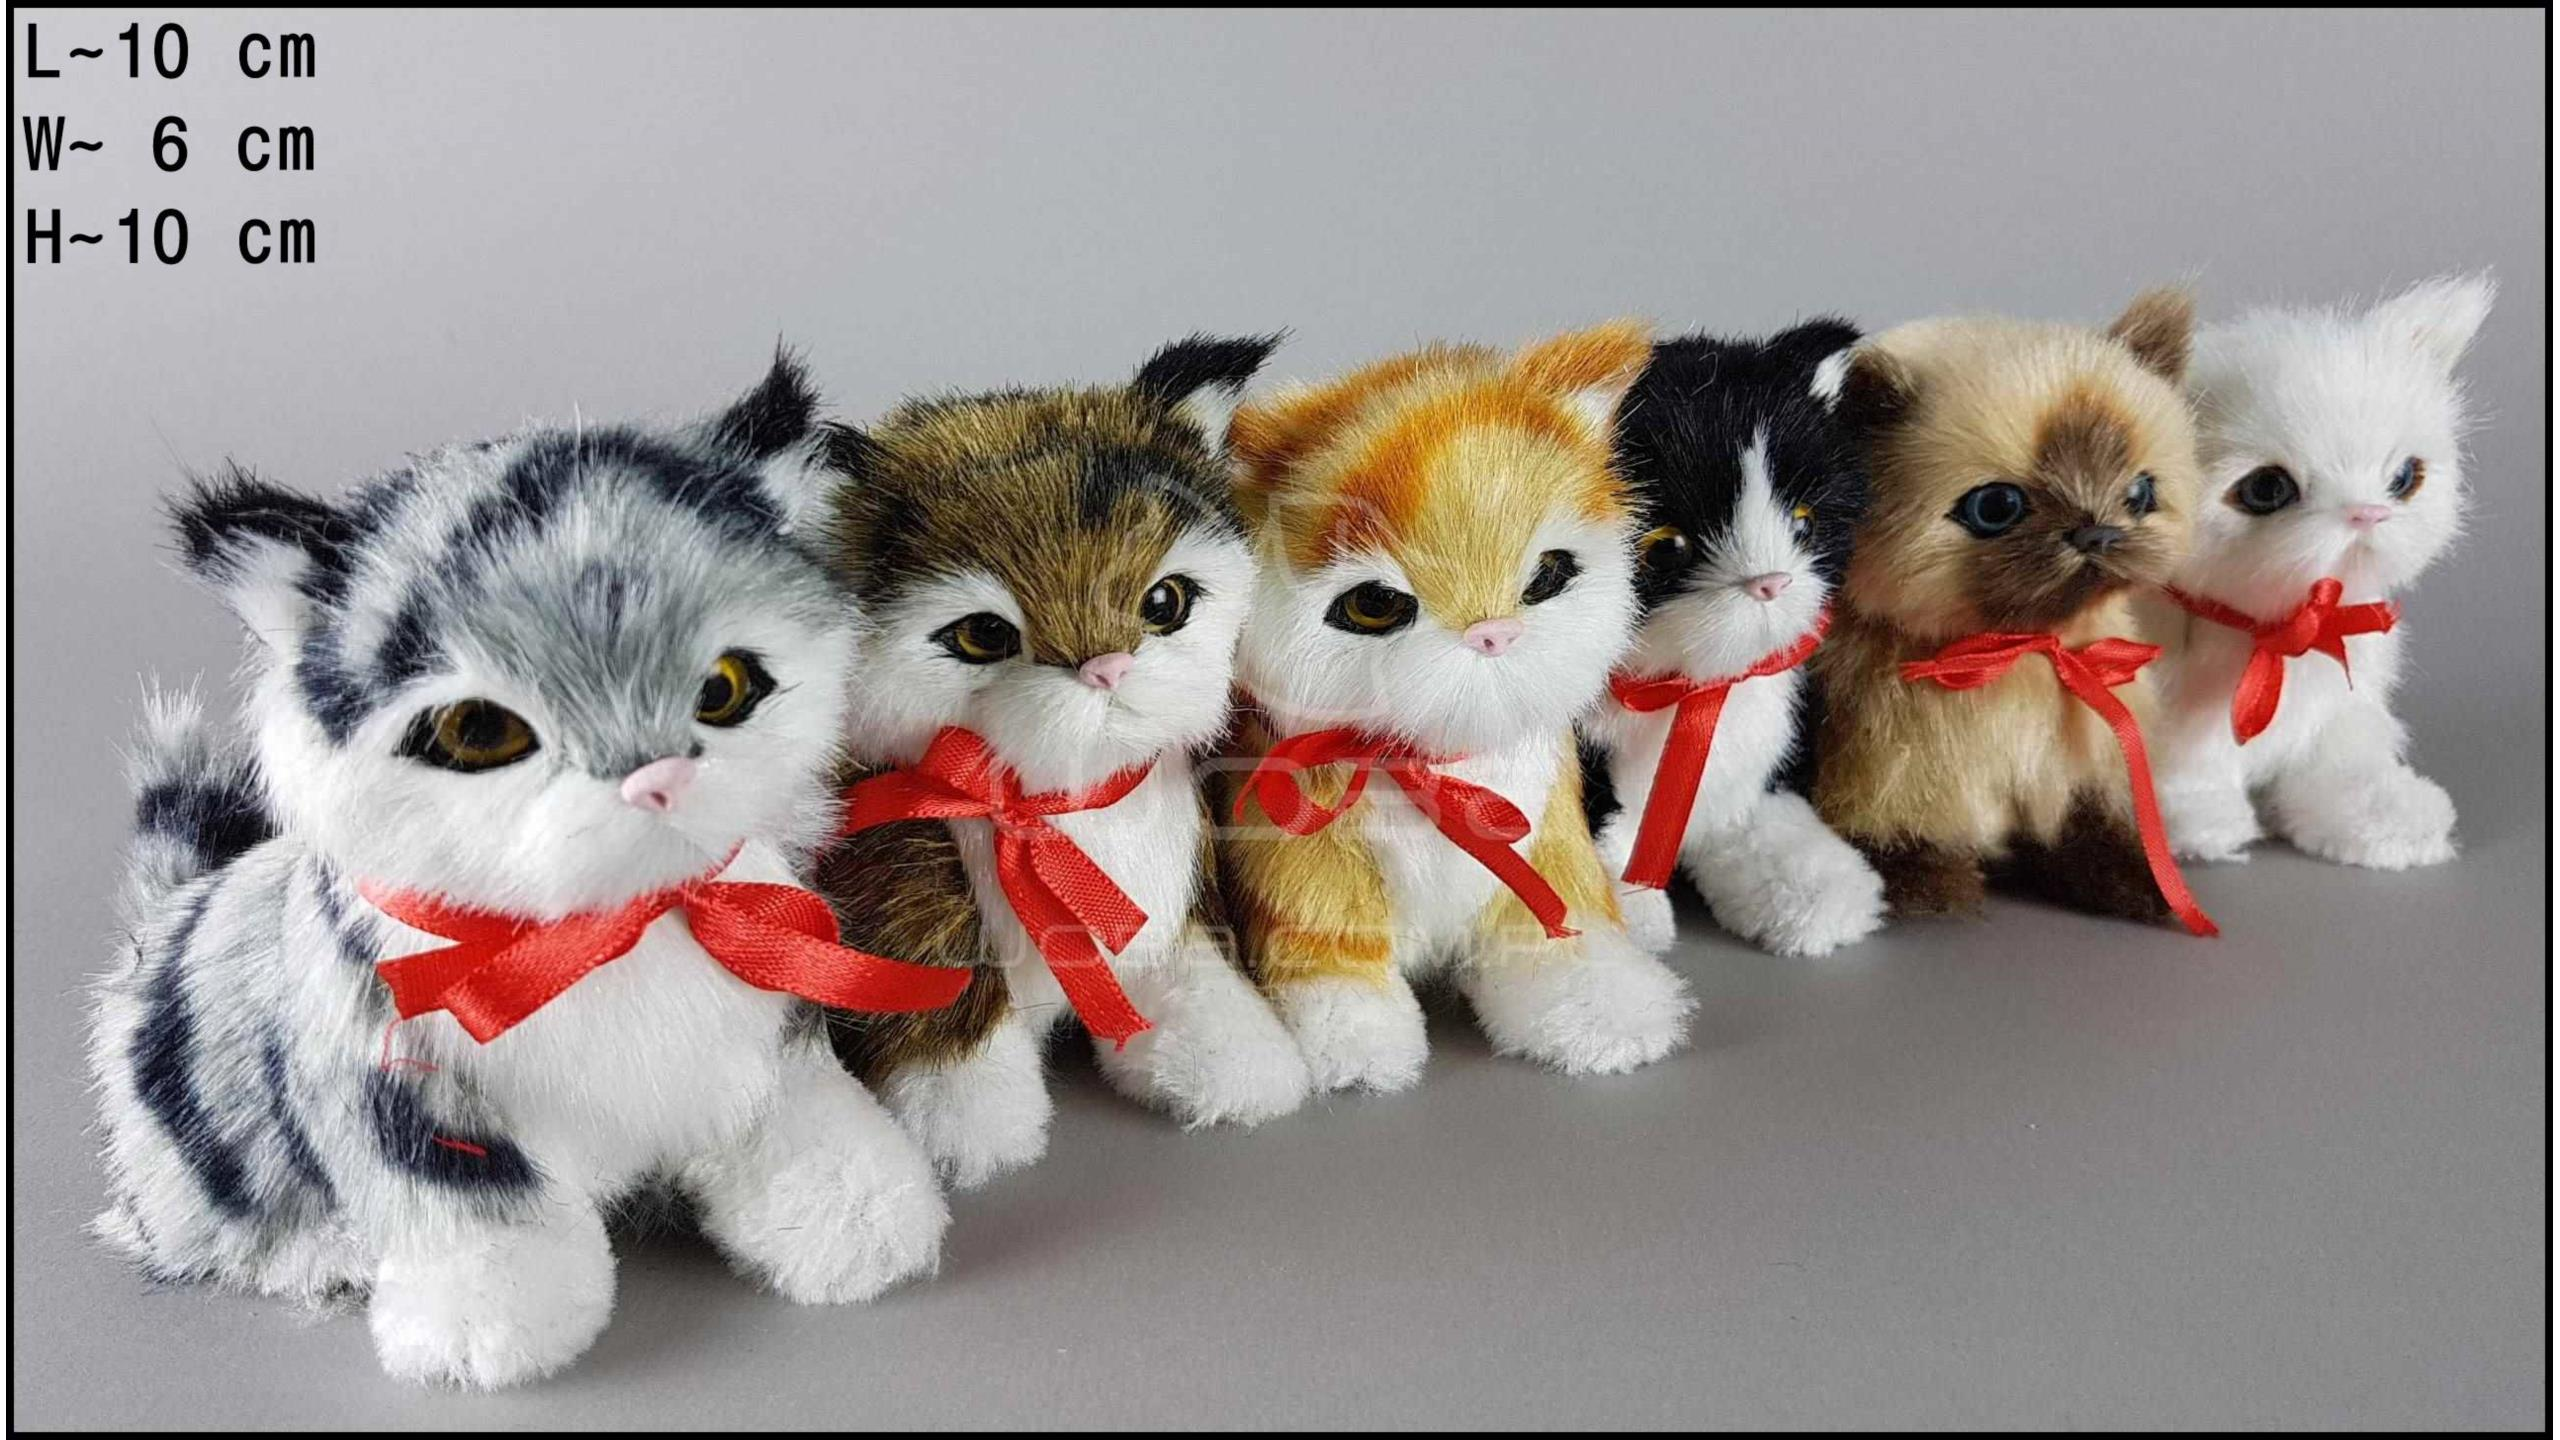 Kotki siedzące, miauczące, z kokardą (6 szt. w opakowaniu)